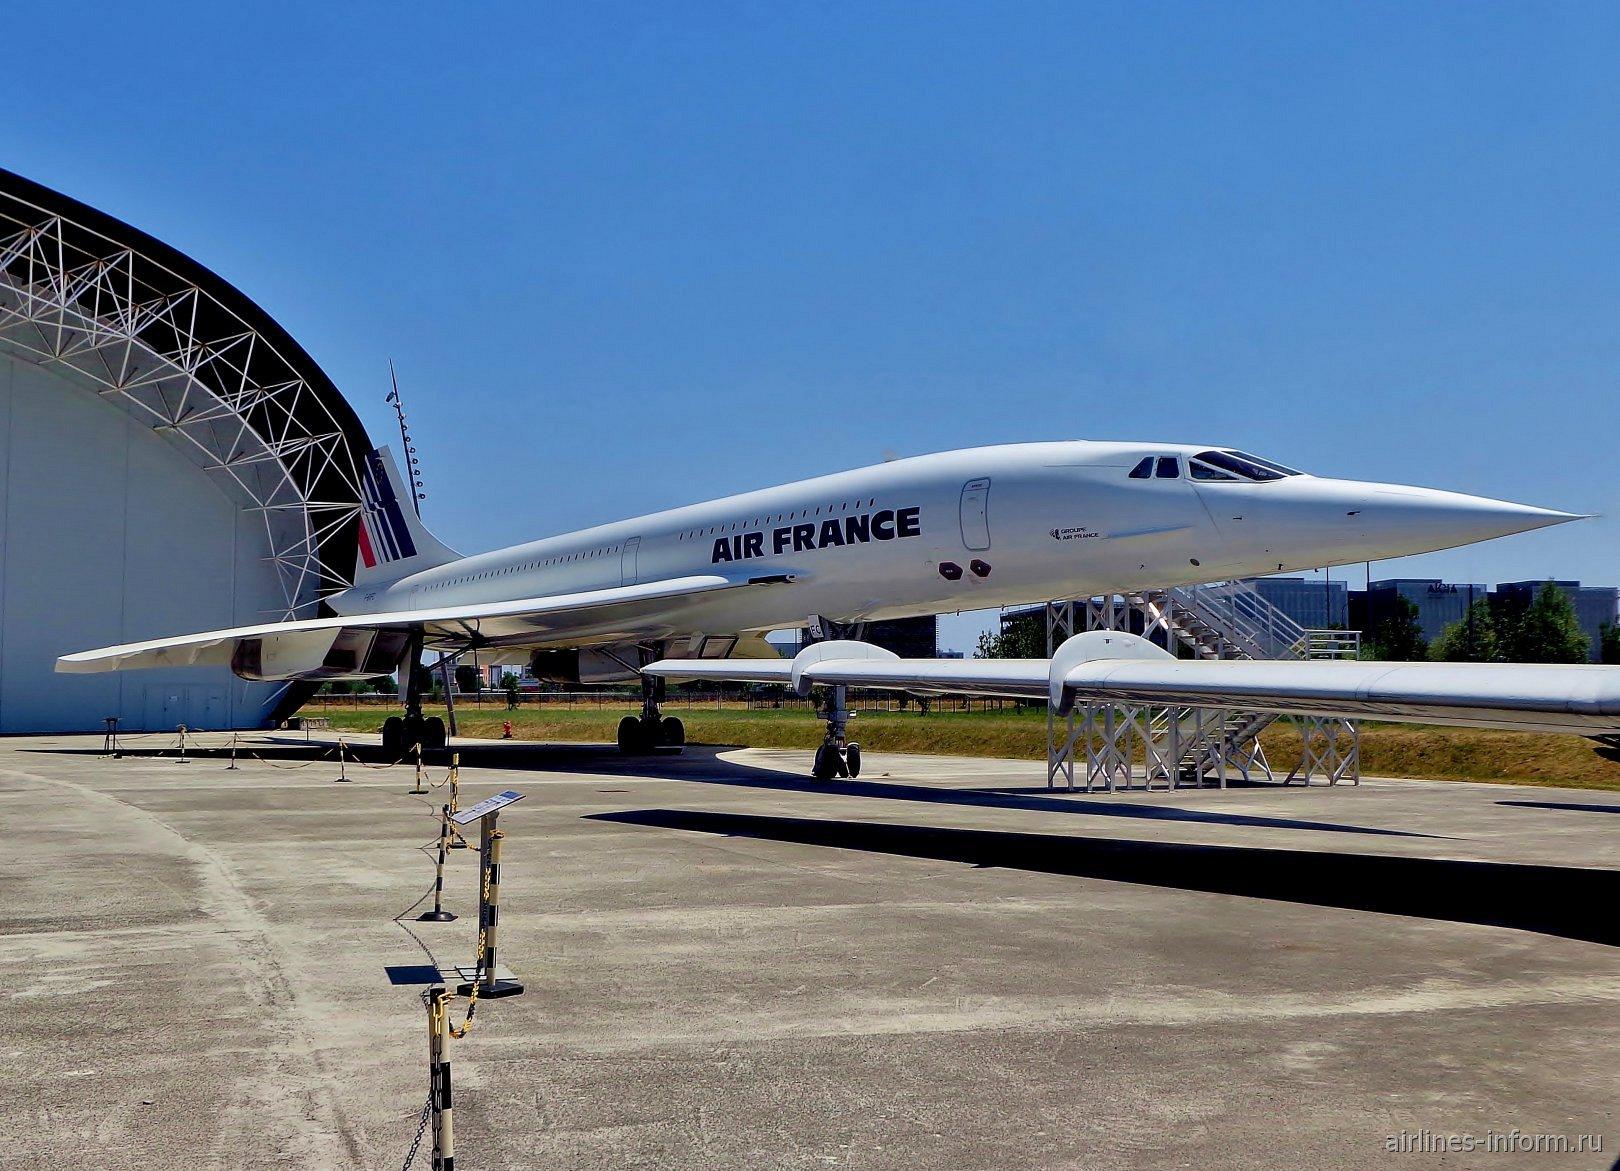 Самолет Concorde F-BVFC в авиационном музее Airbus в Тулузе